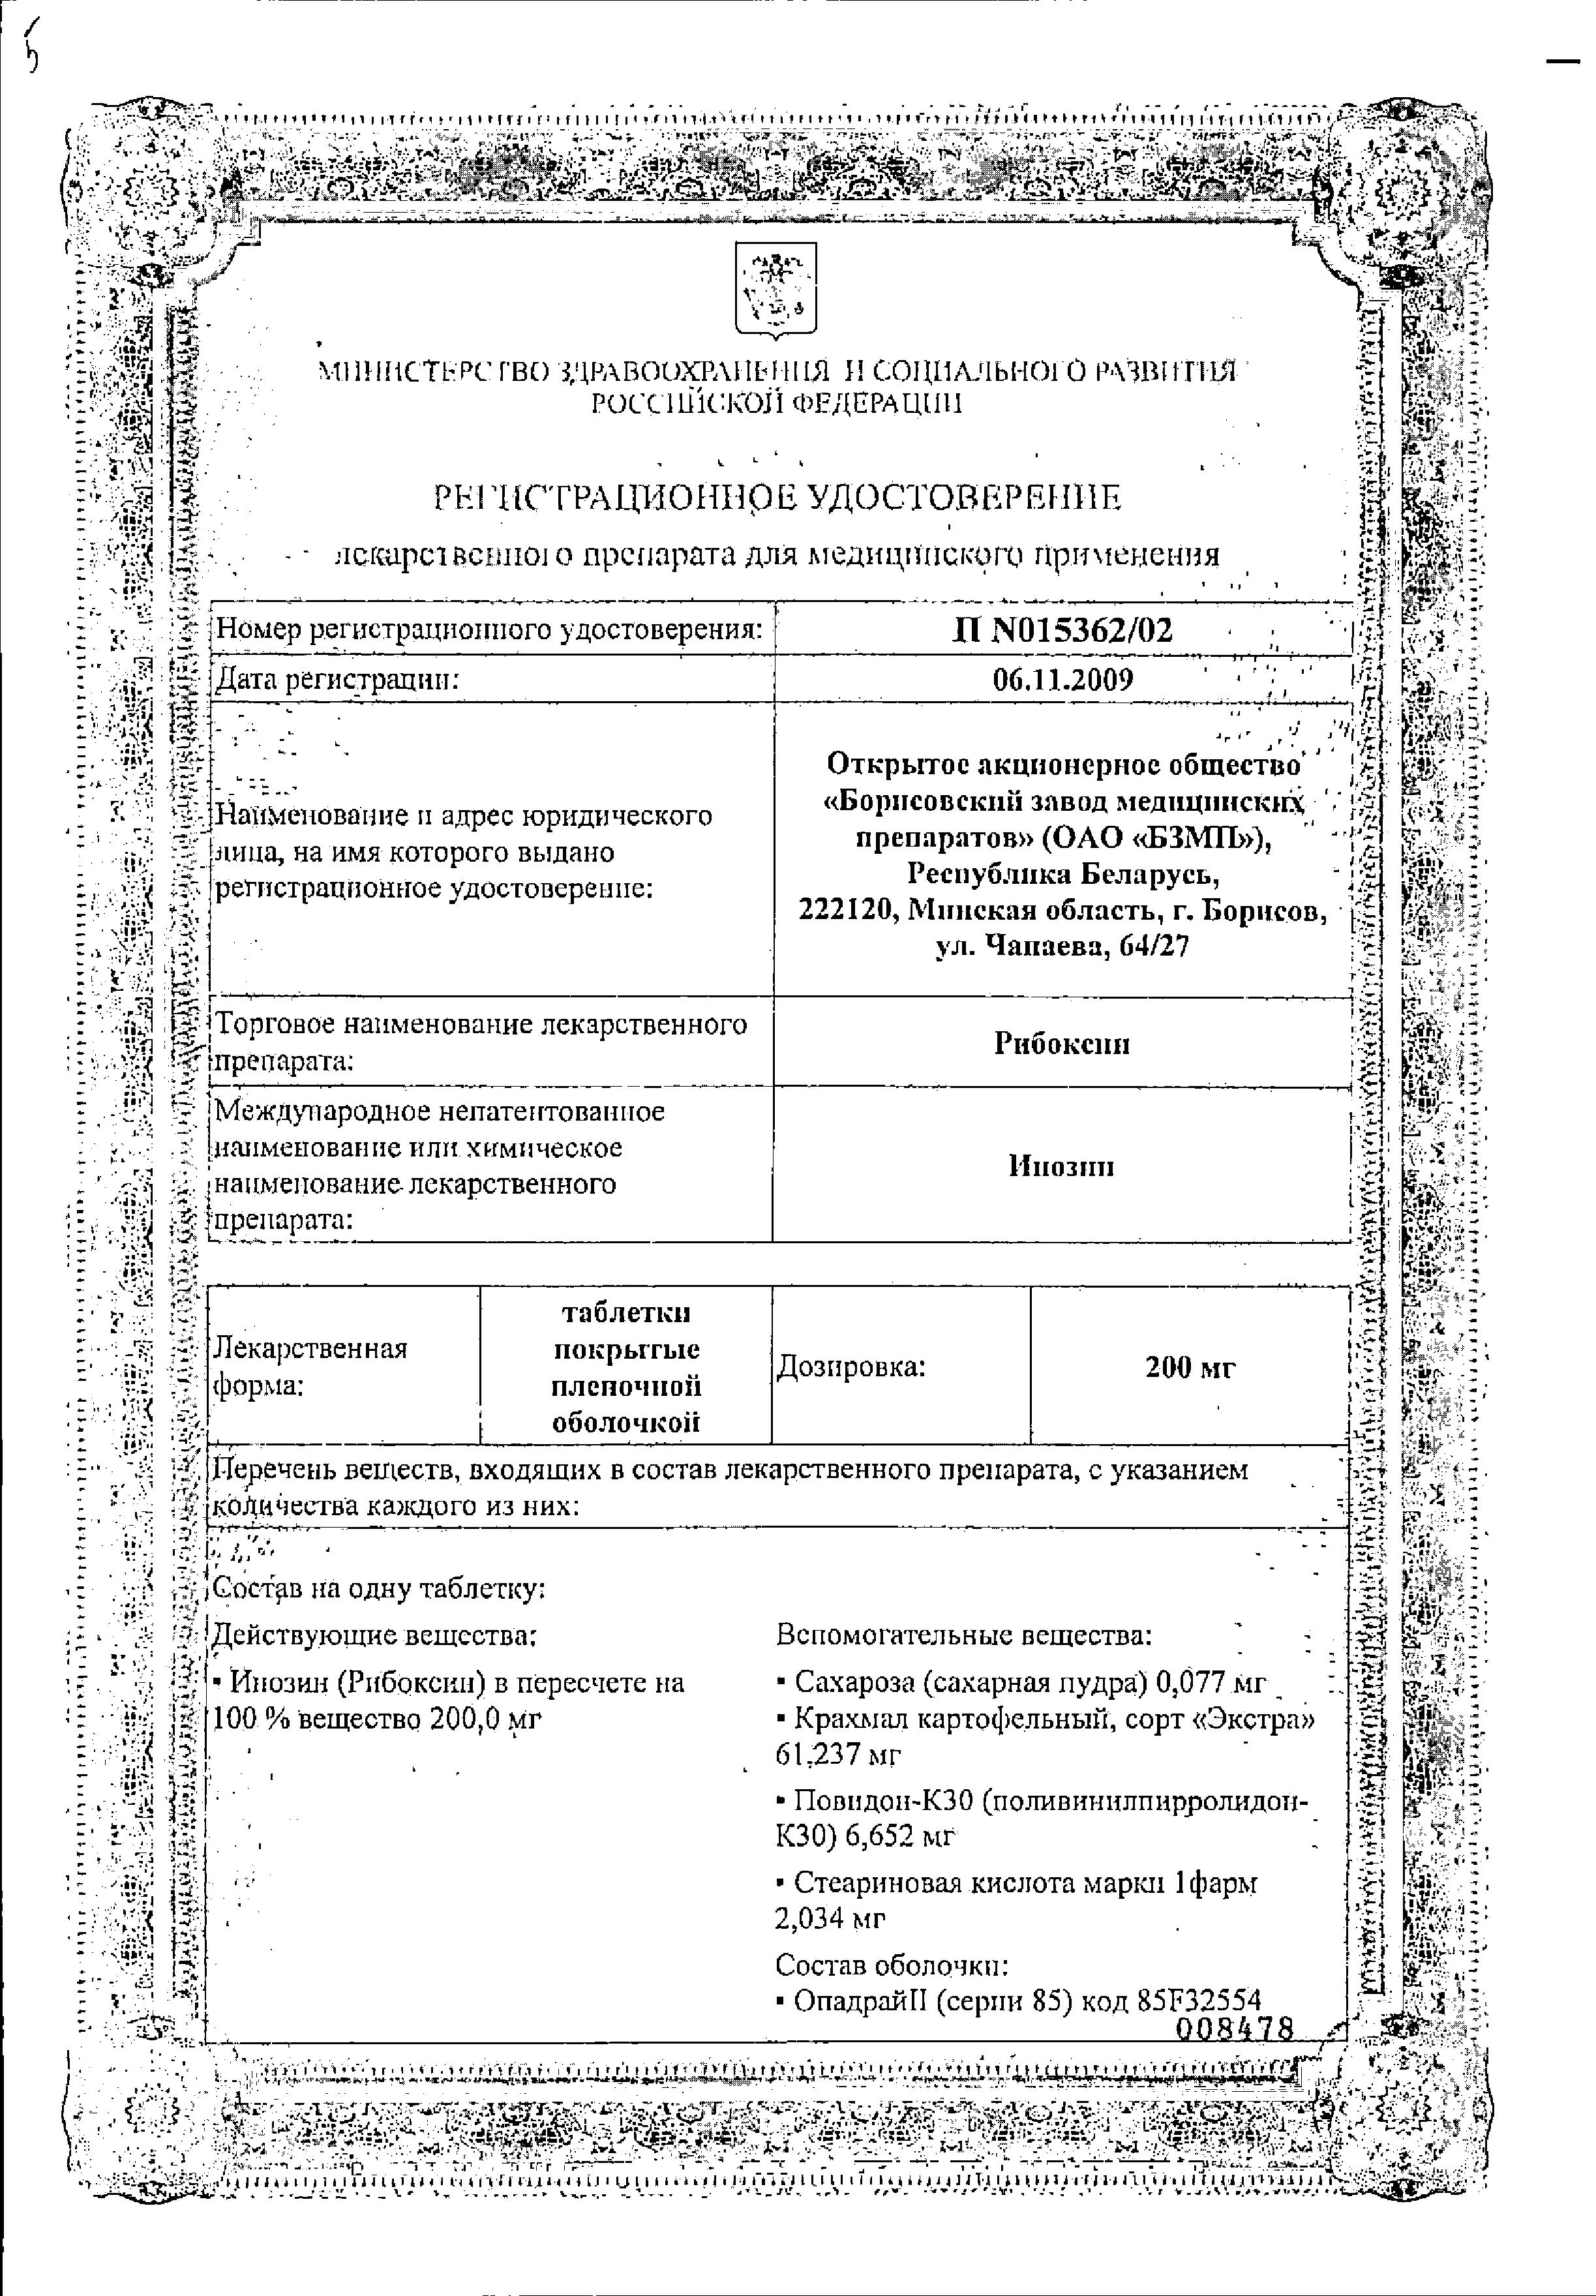 Рибоксин сертификат